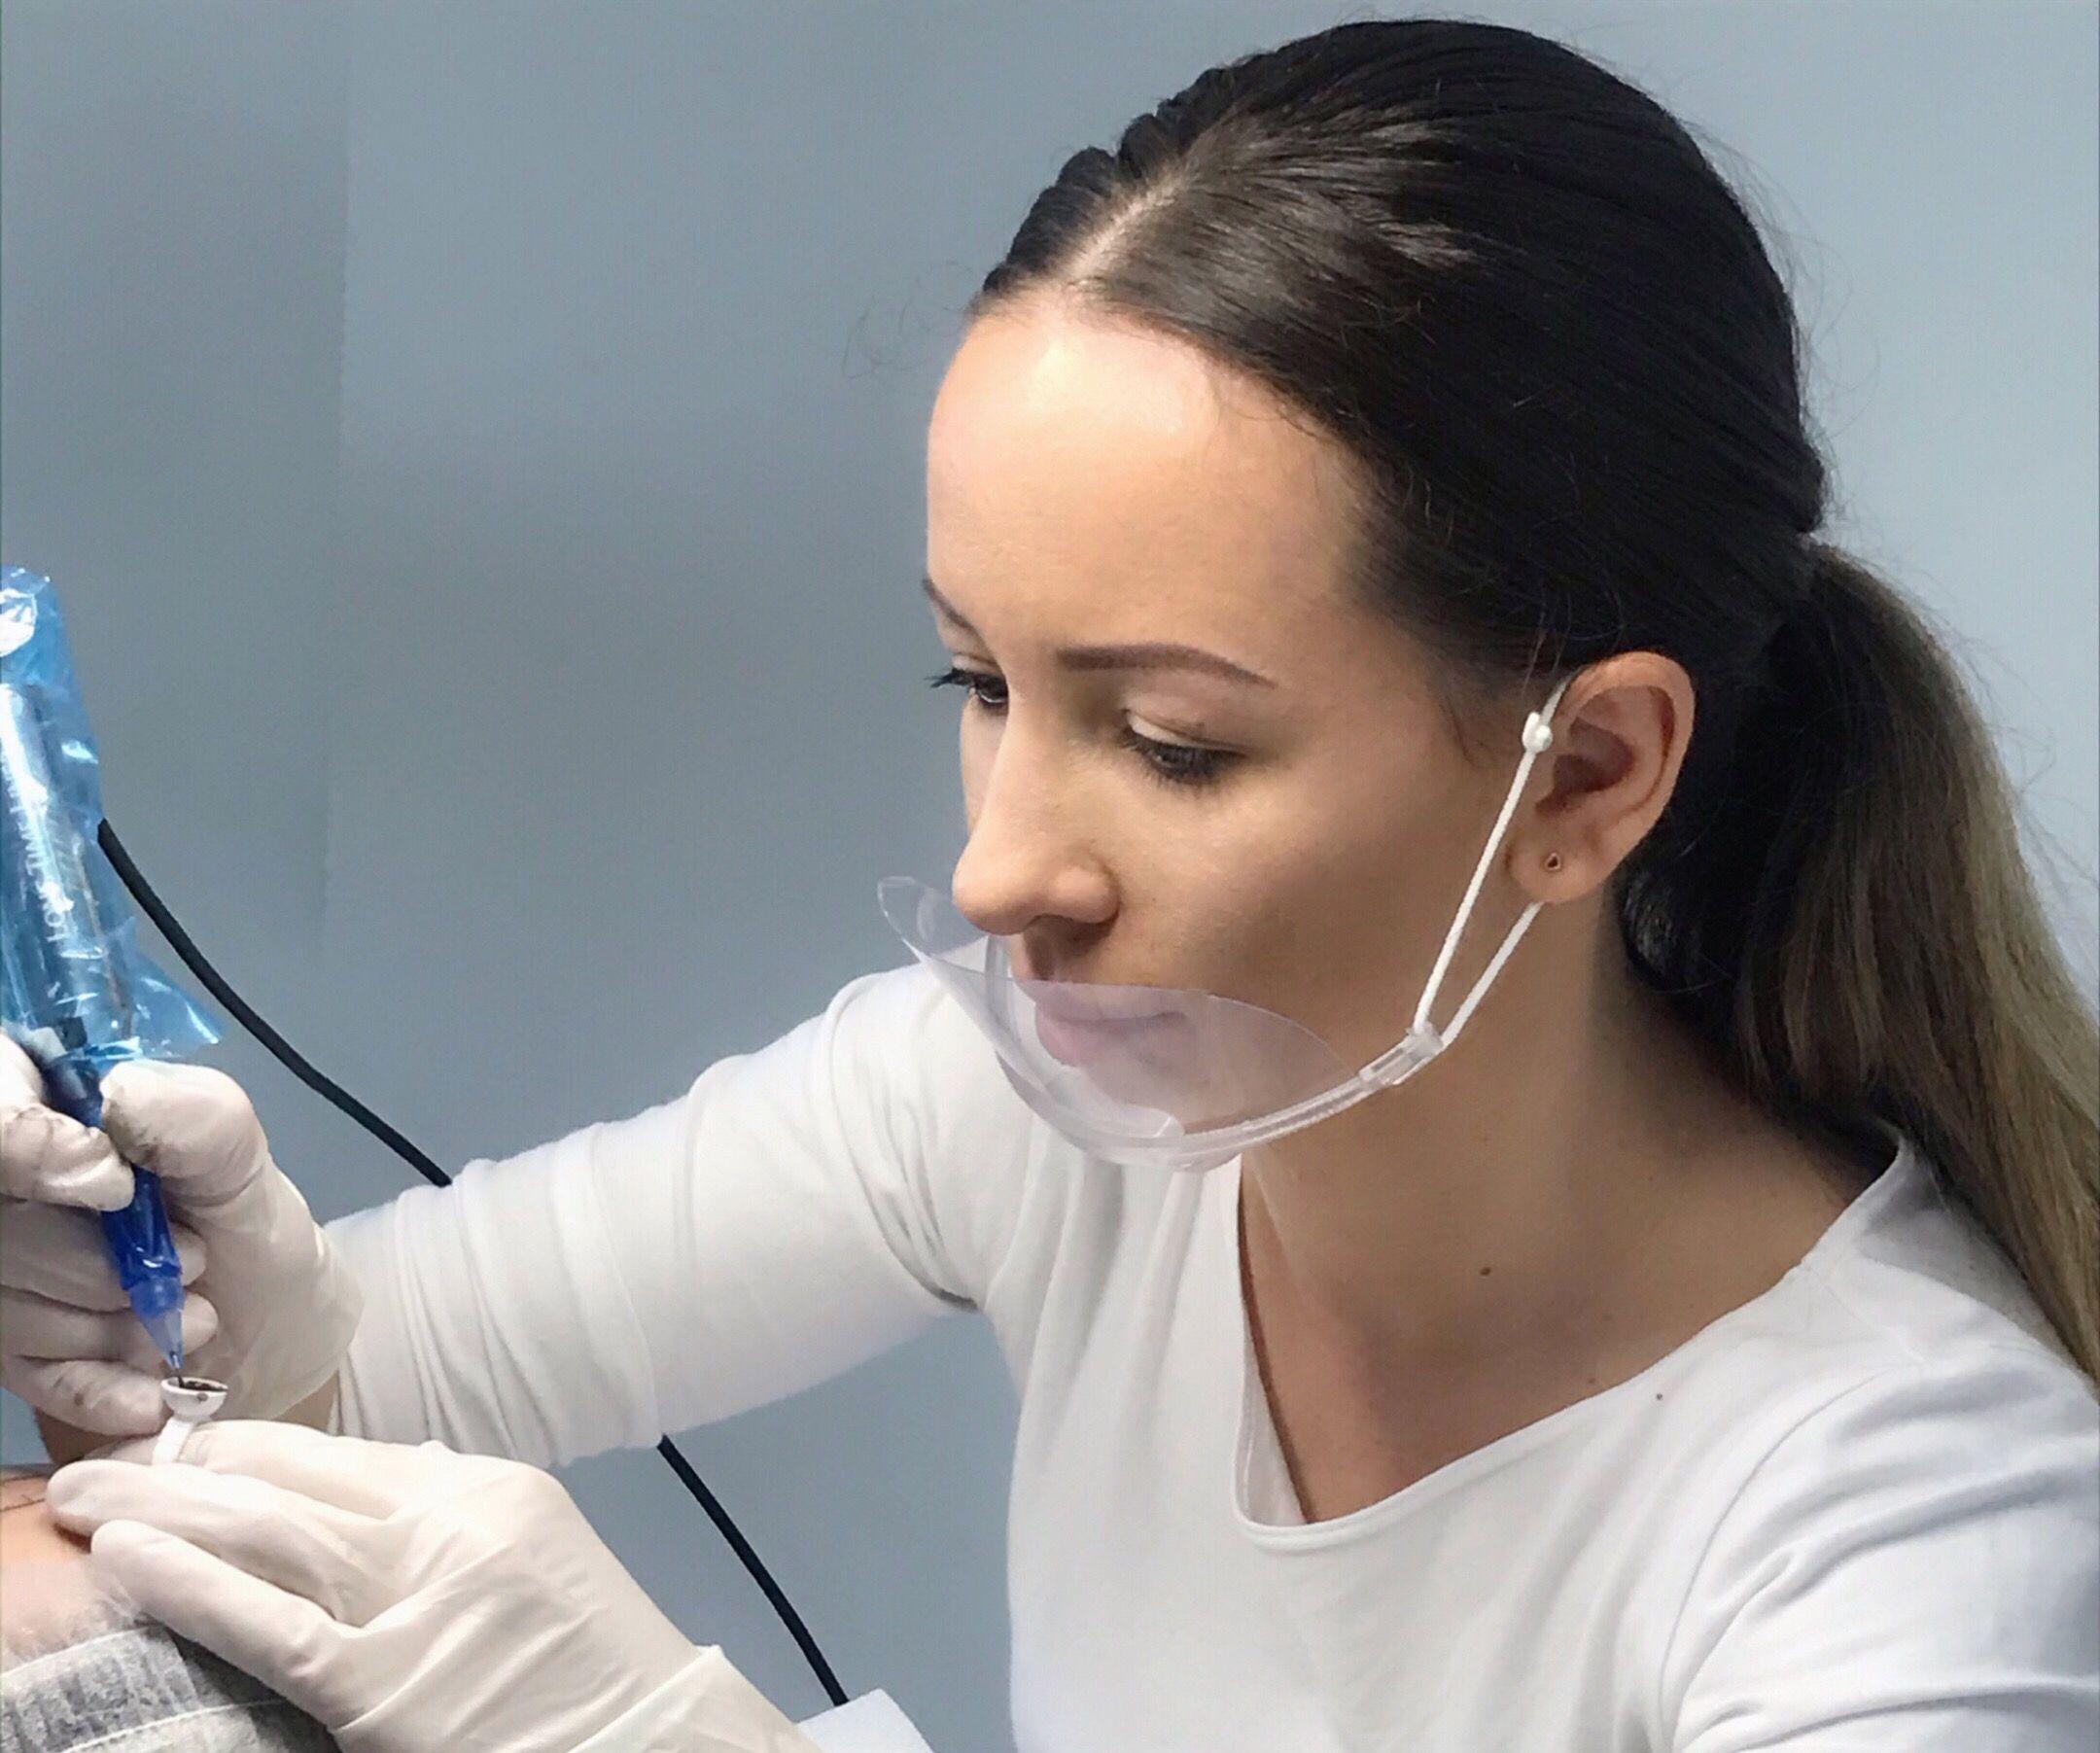 Permanent makeup eyebrows procedure